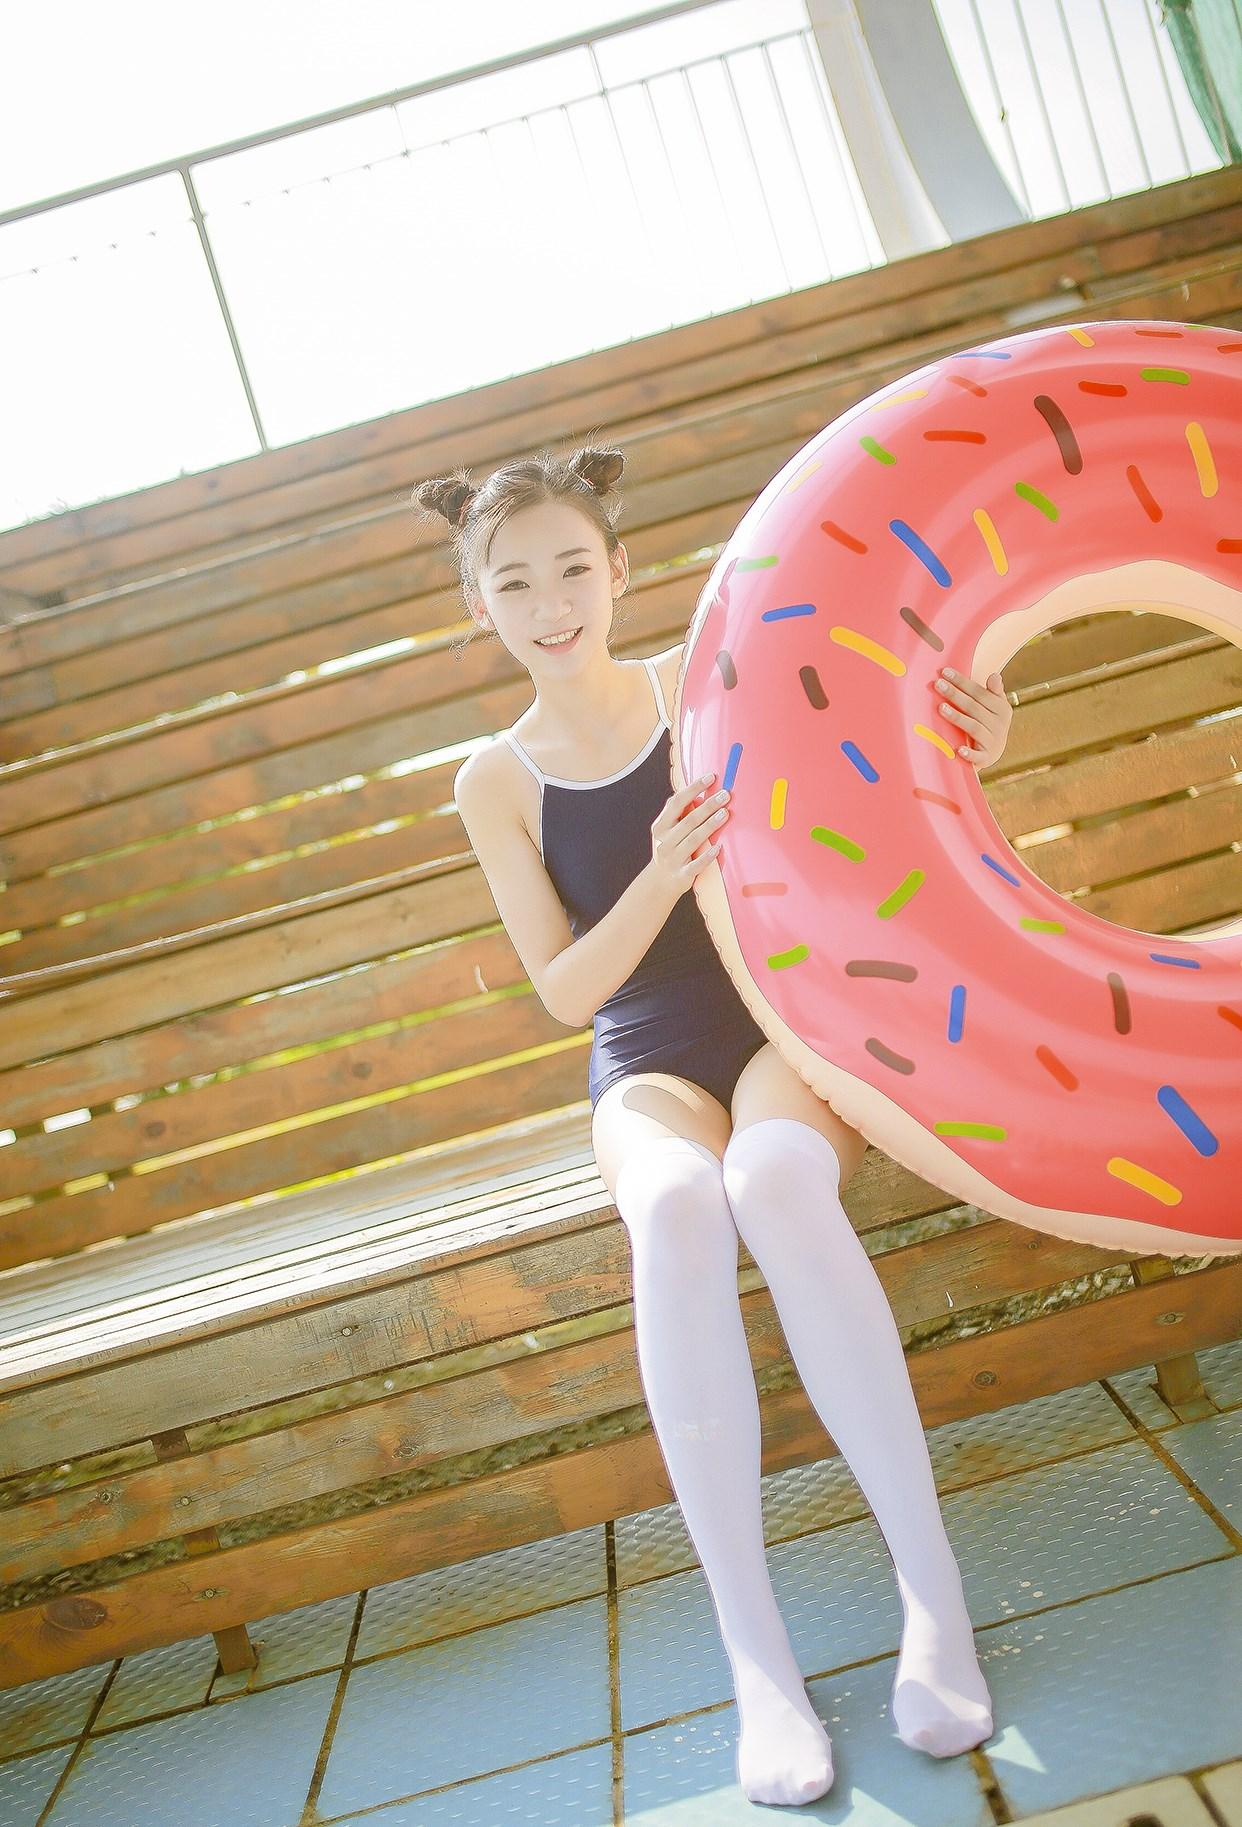 【兔玩映画】甜甜的小萝莉 兔玩映画 第8张